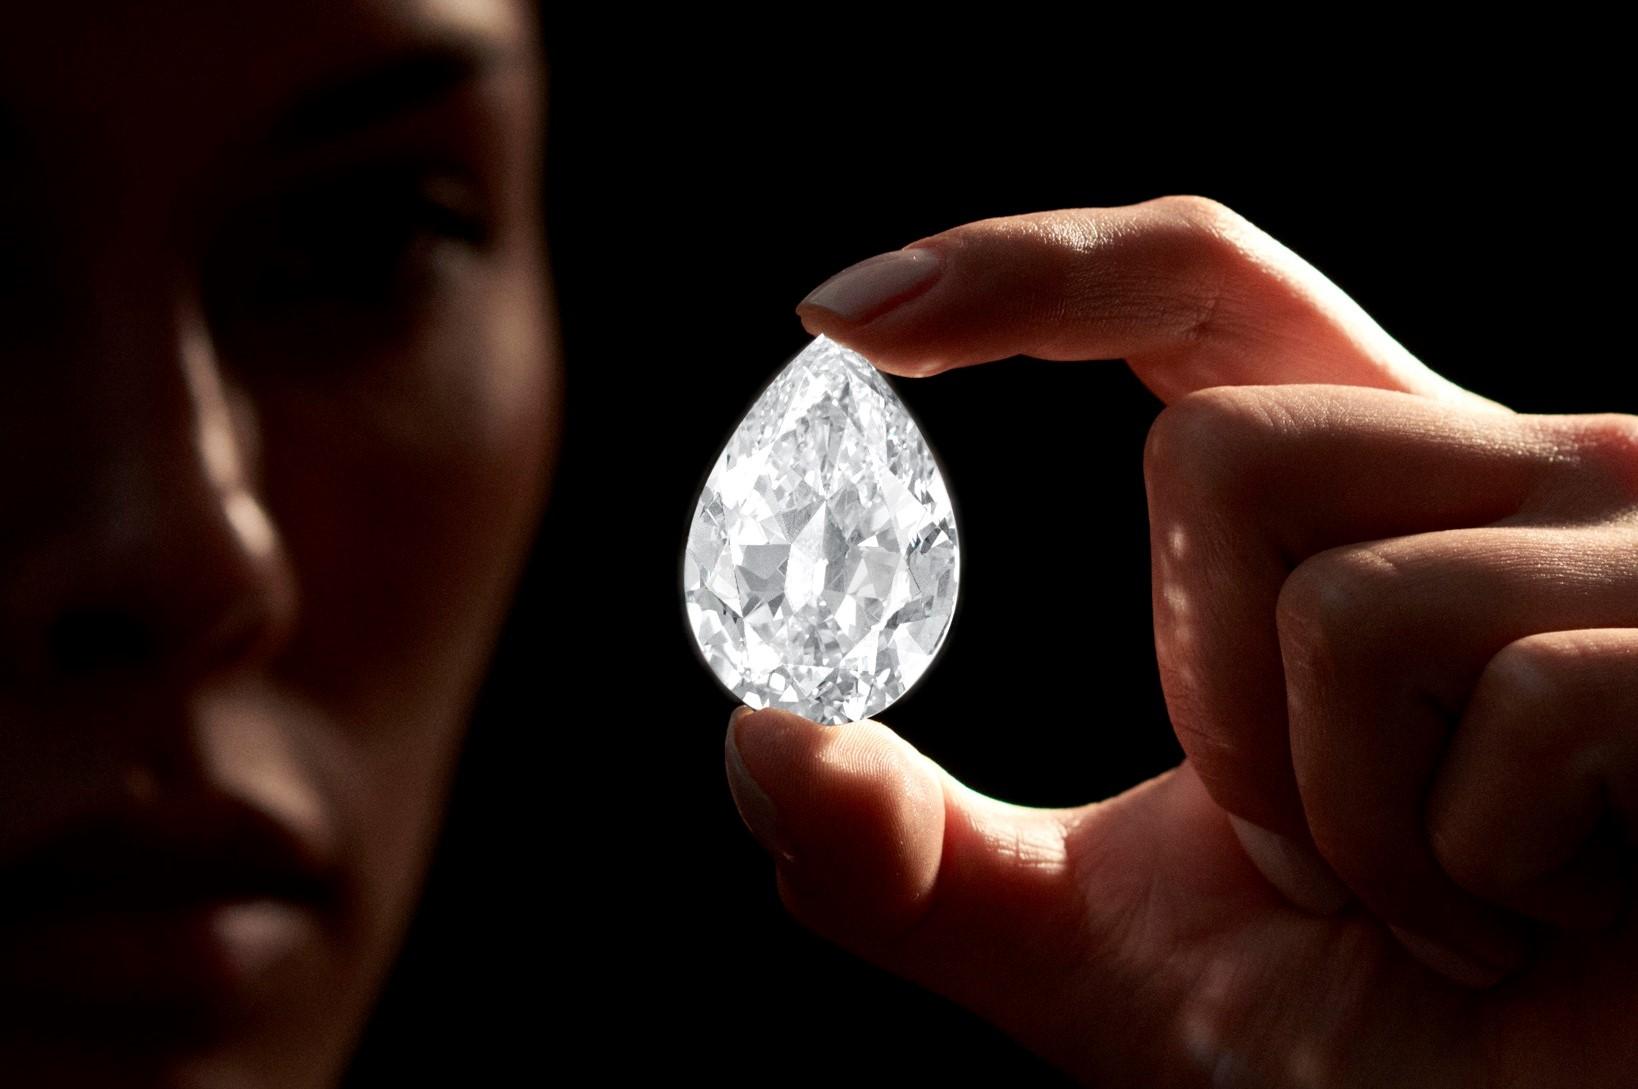 El diamante se convierte en el objeto más caro comprado con cripto